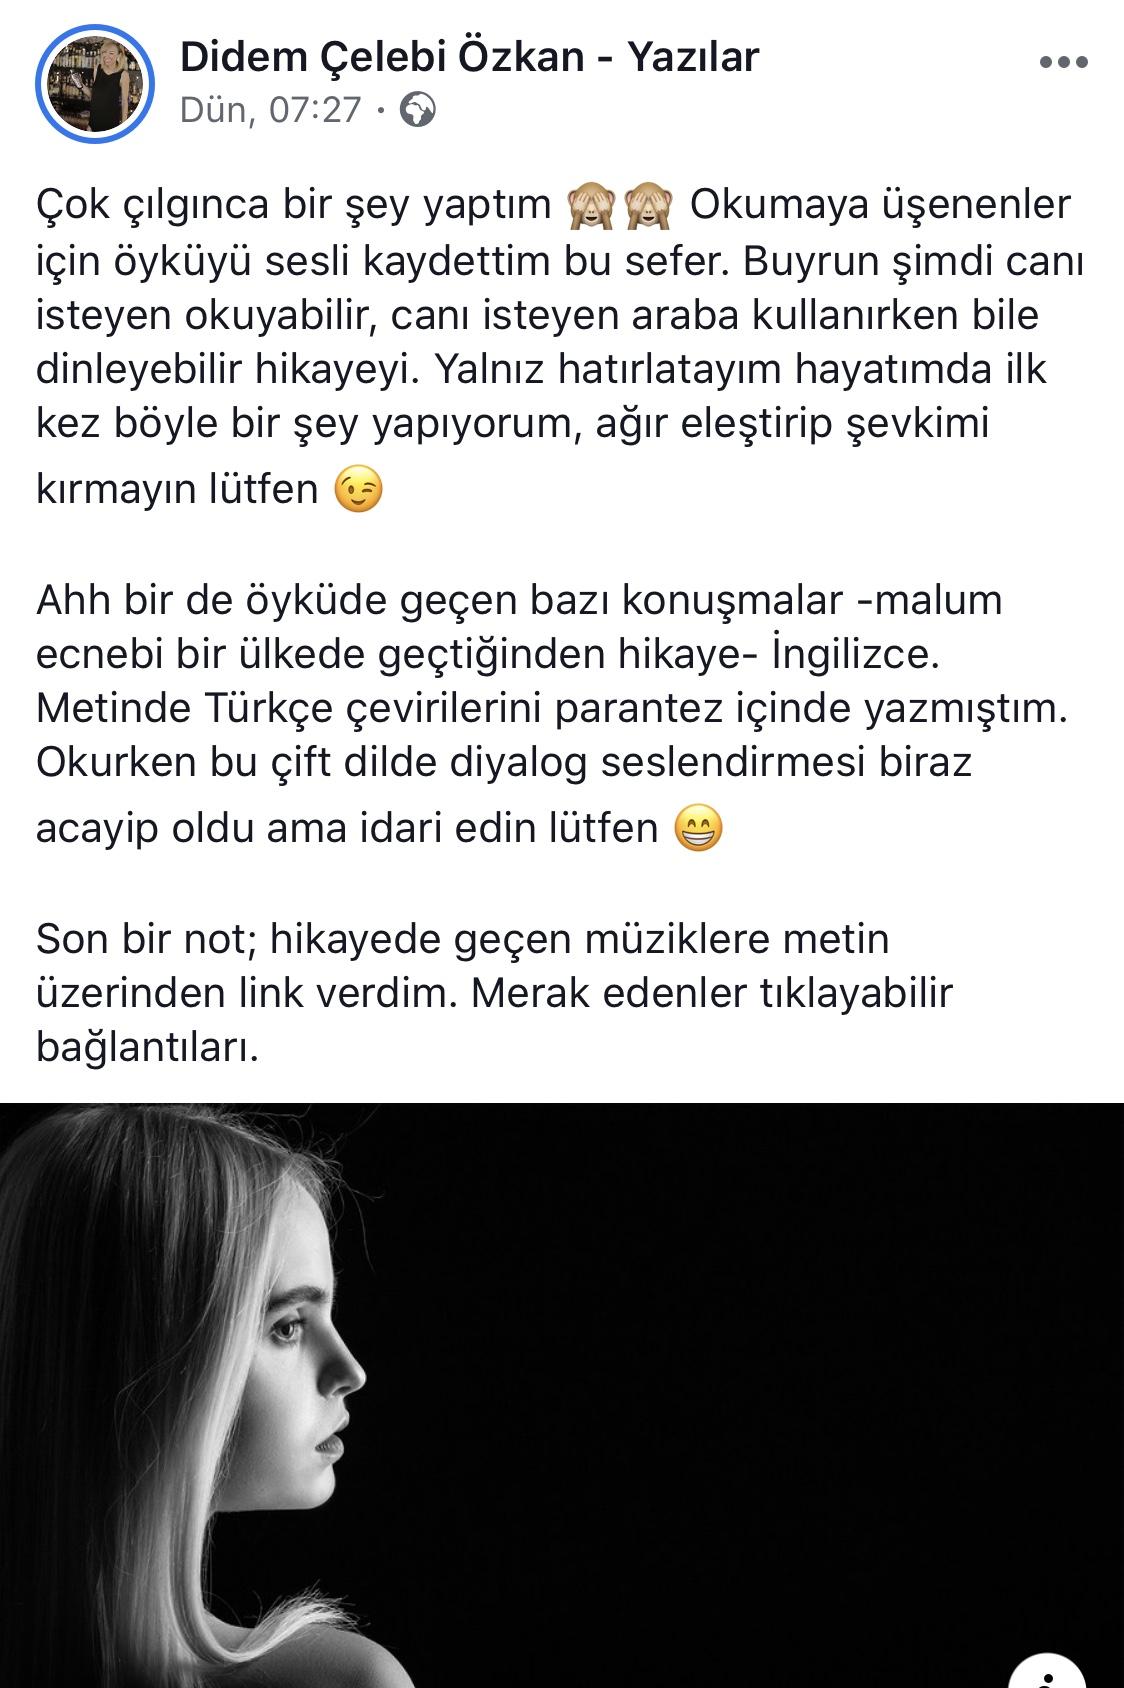 Umarım Bu Gece Öldürülmem   Didem Çelebi Özkan - Yazılar Facebook Tanıtım Metni